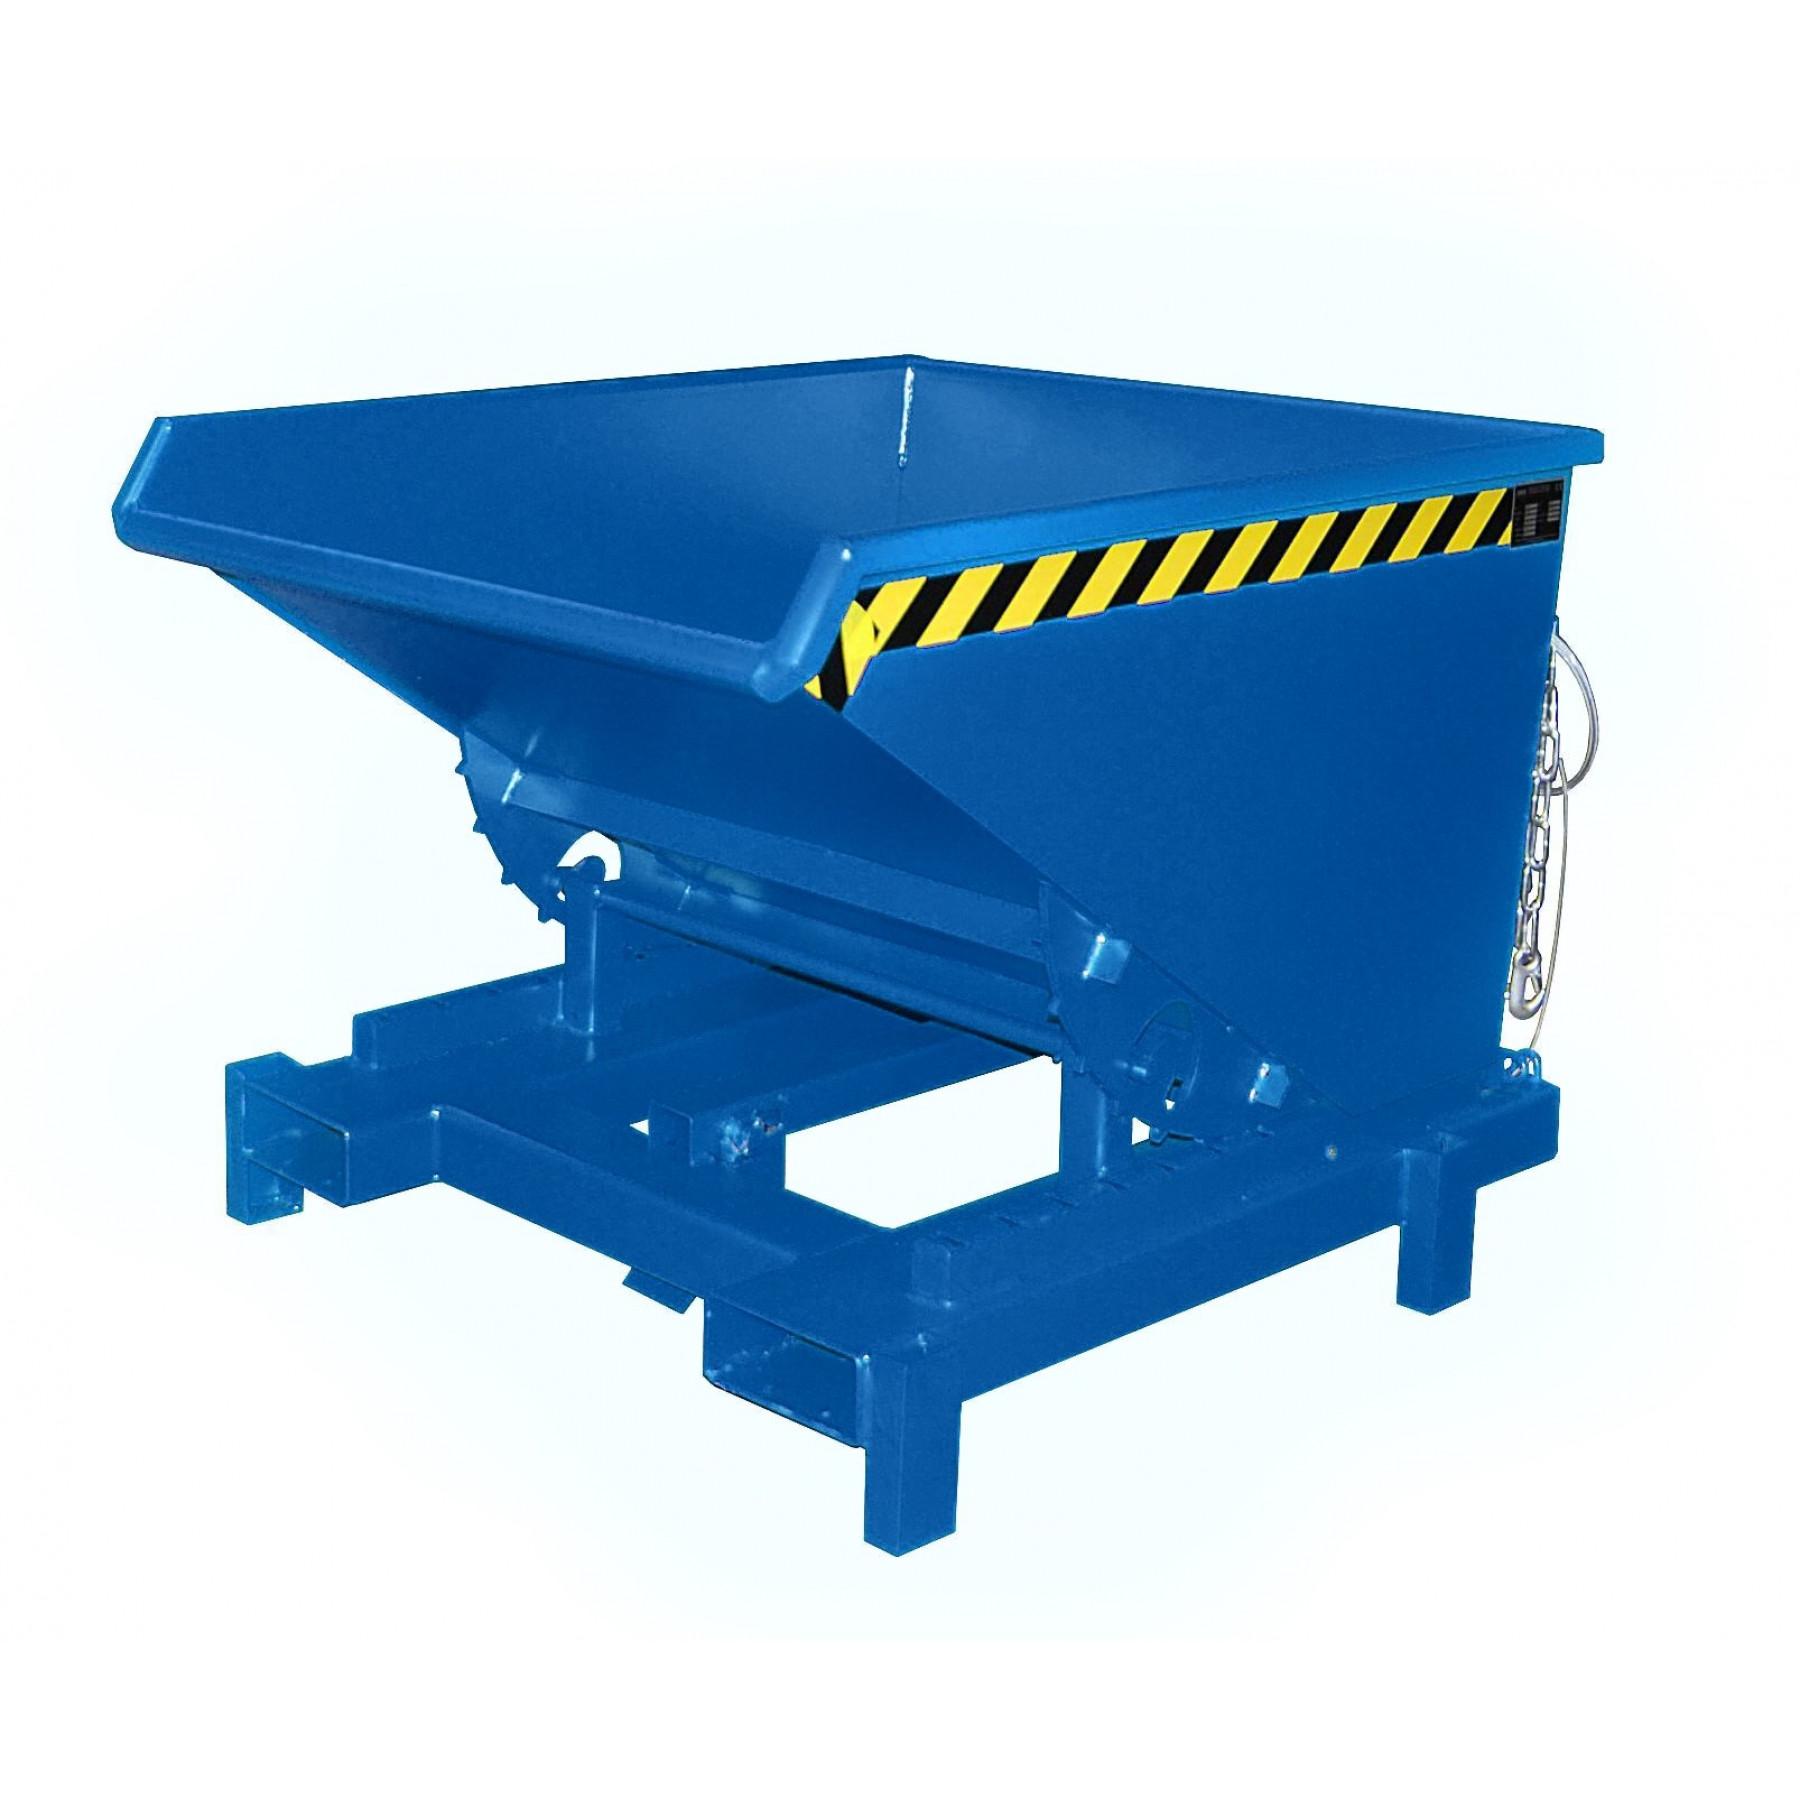 Kiepcontainer extra zwaar 600 liter, MTF-SK-600-5001